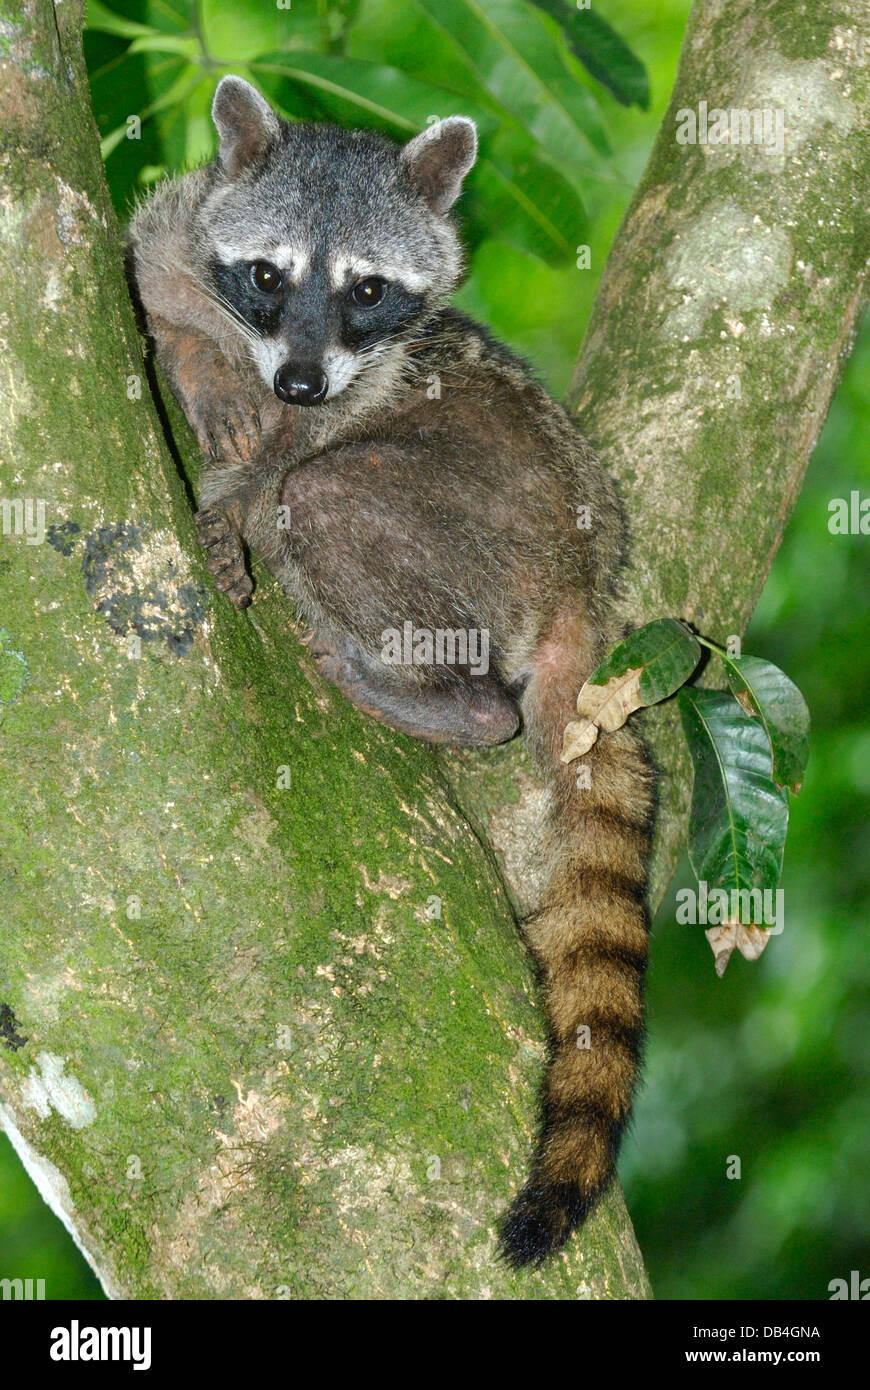 Comer centolla Raccooon (Procyon cancrivorus) en el Parque Nacional Manuel Antonio, Costa Rica Imagen De Stock